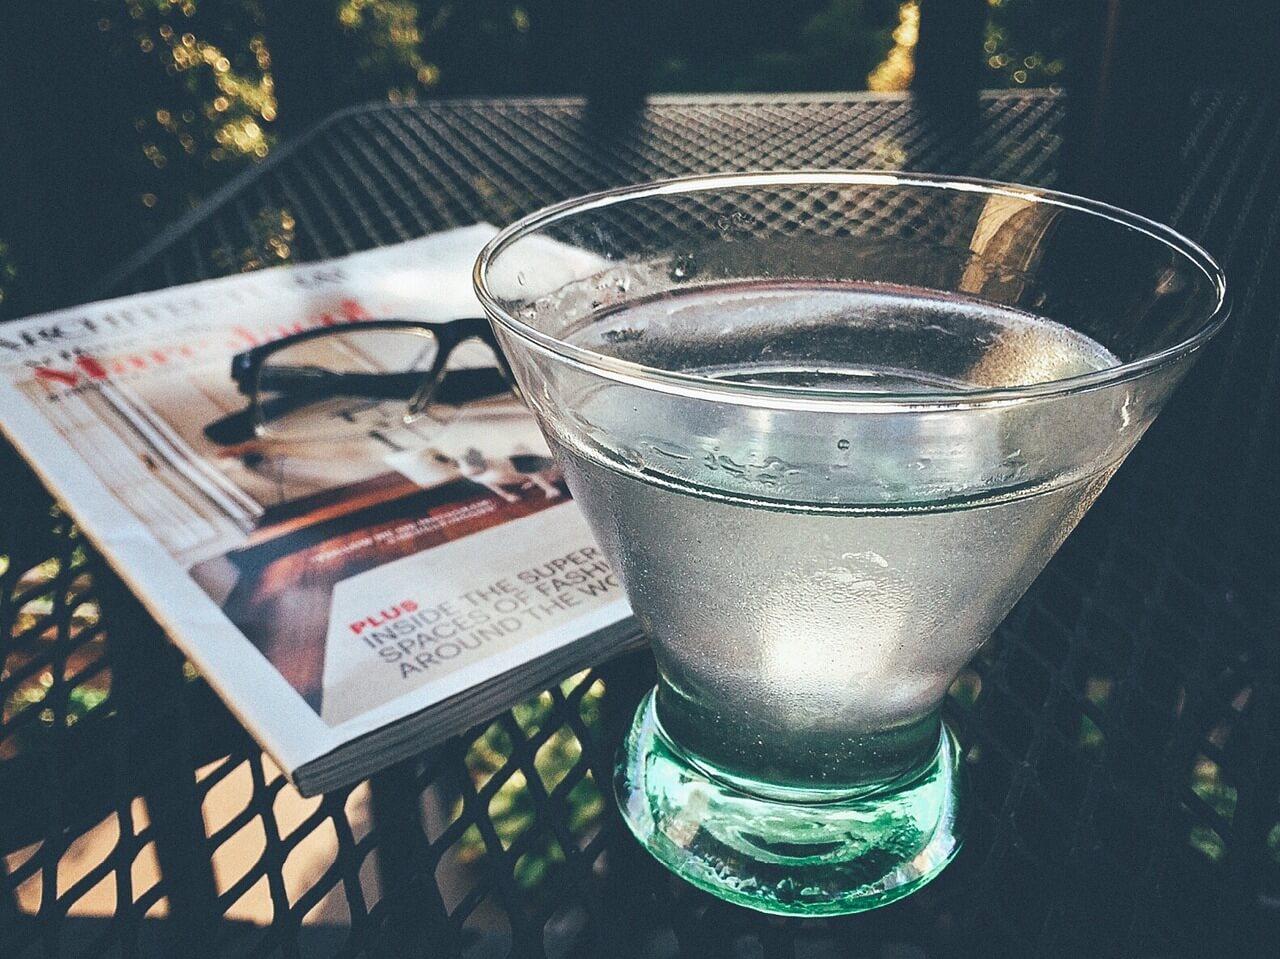 martini-1579537_1280 (1)